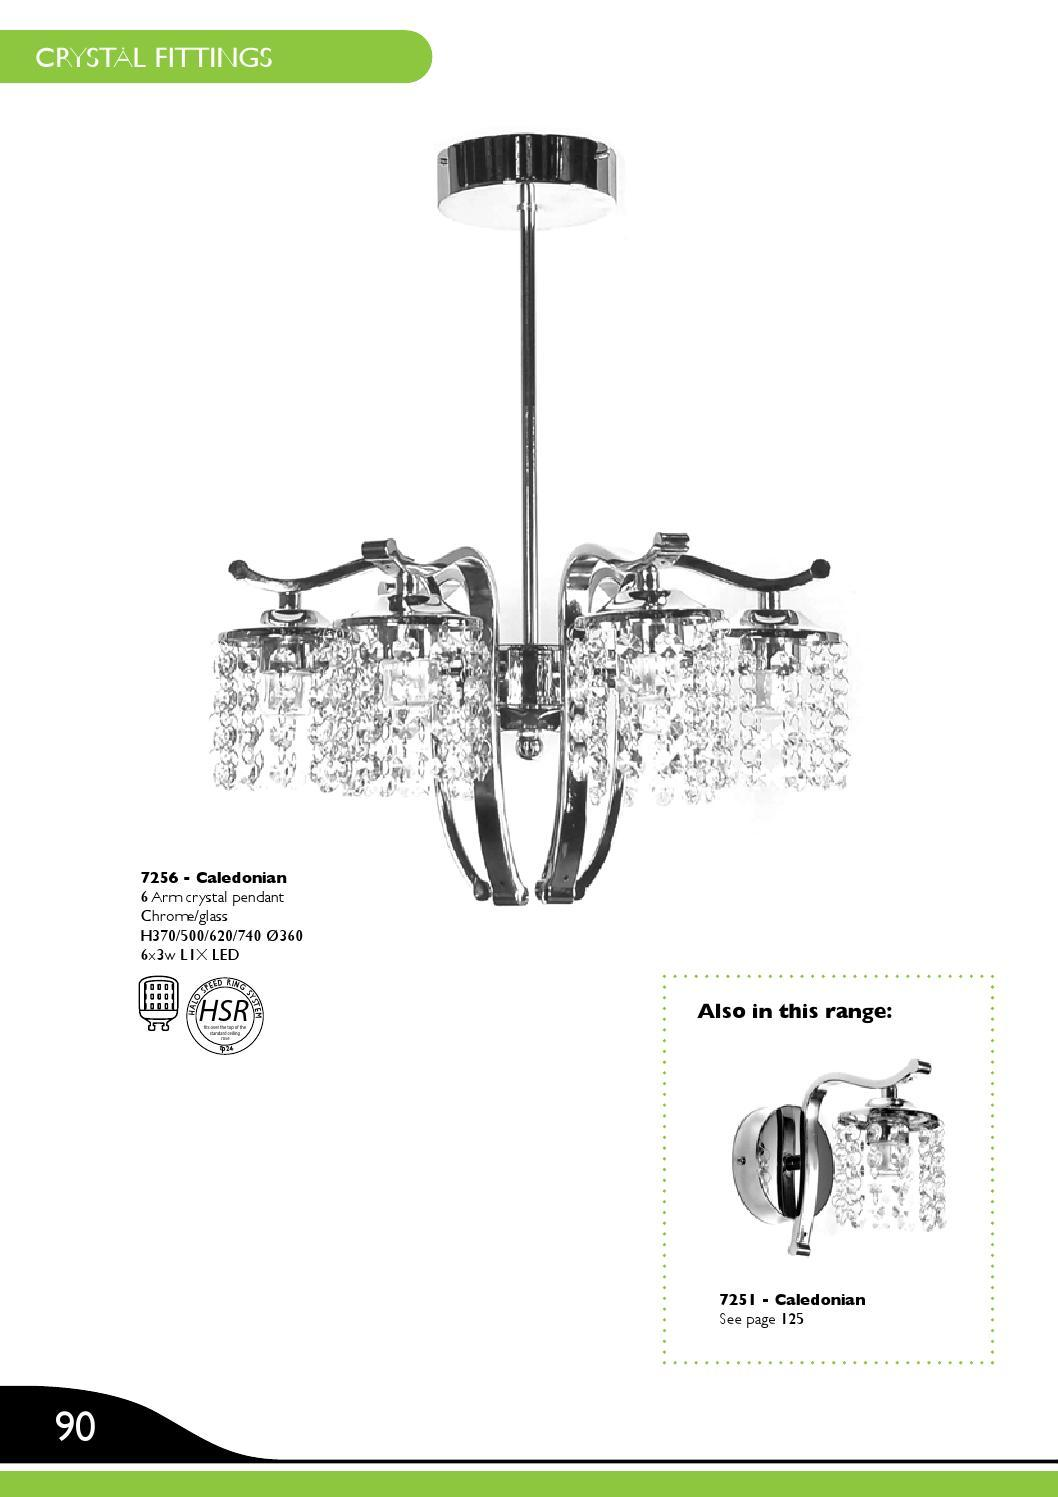 tp24 2015年现代灯饰灯具设计书籍目录_1058*1497